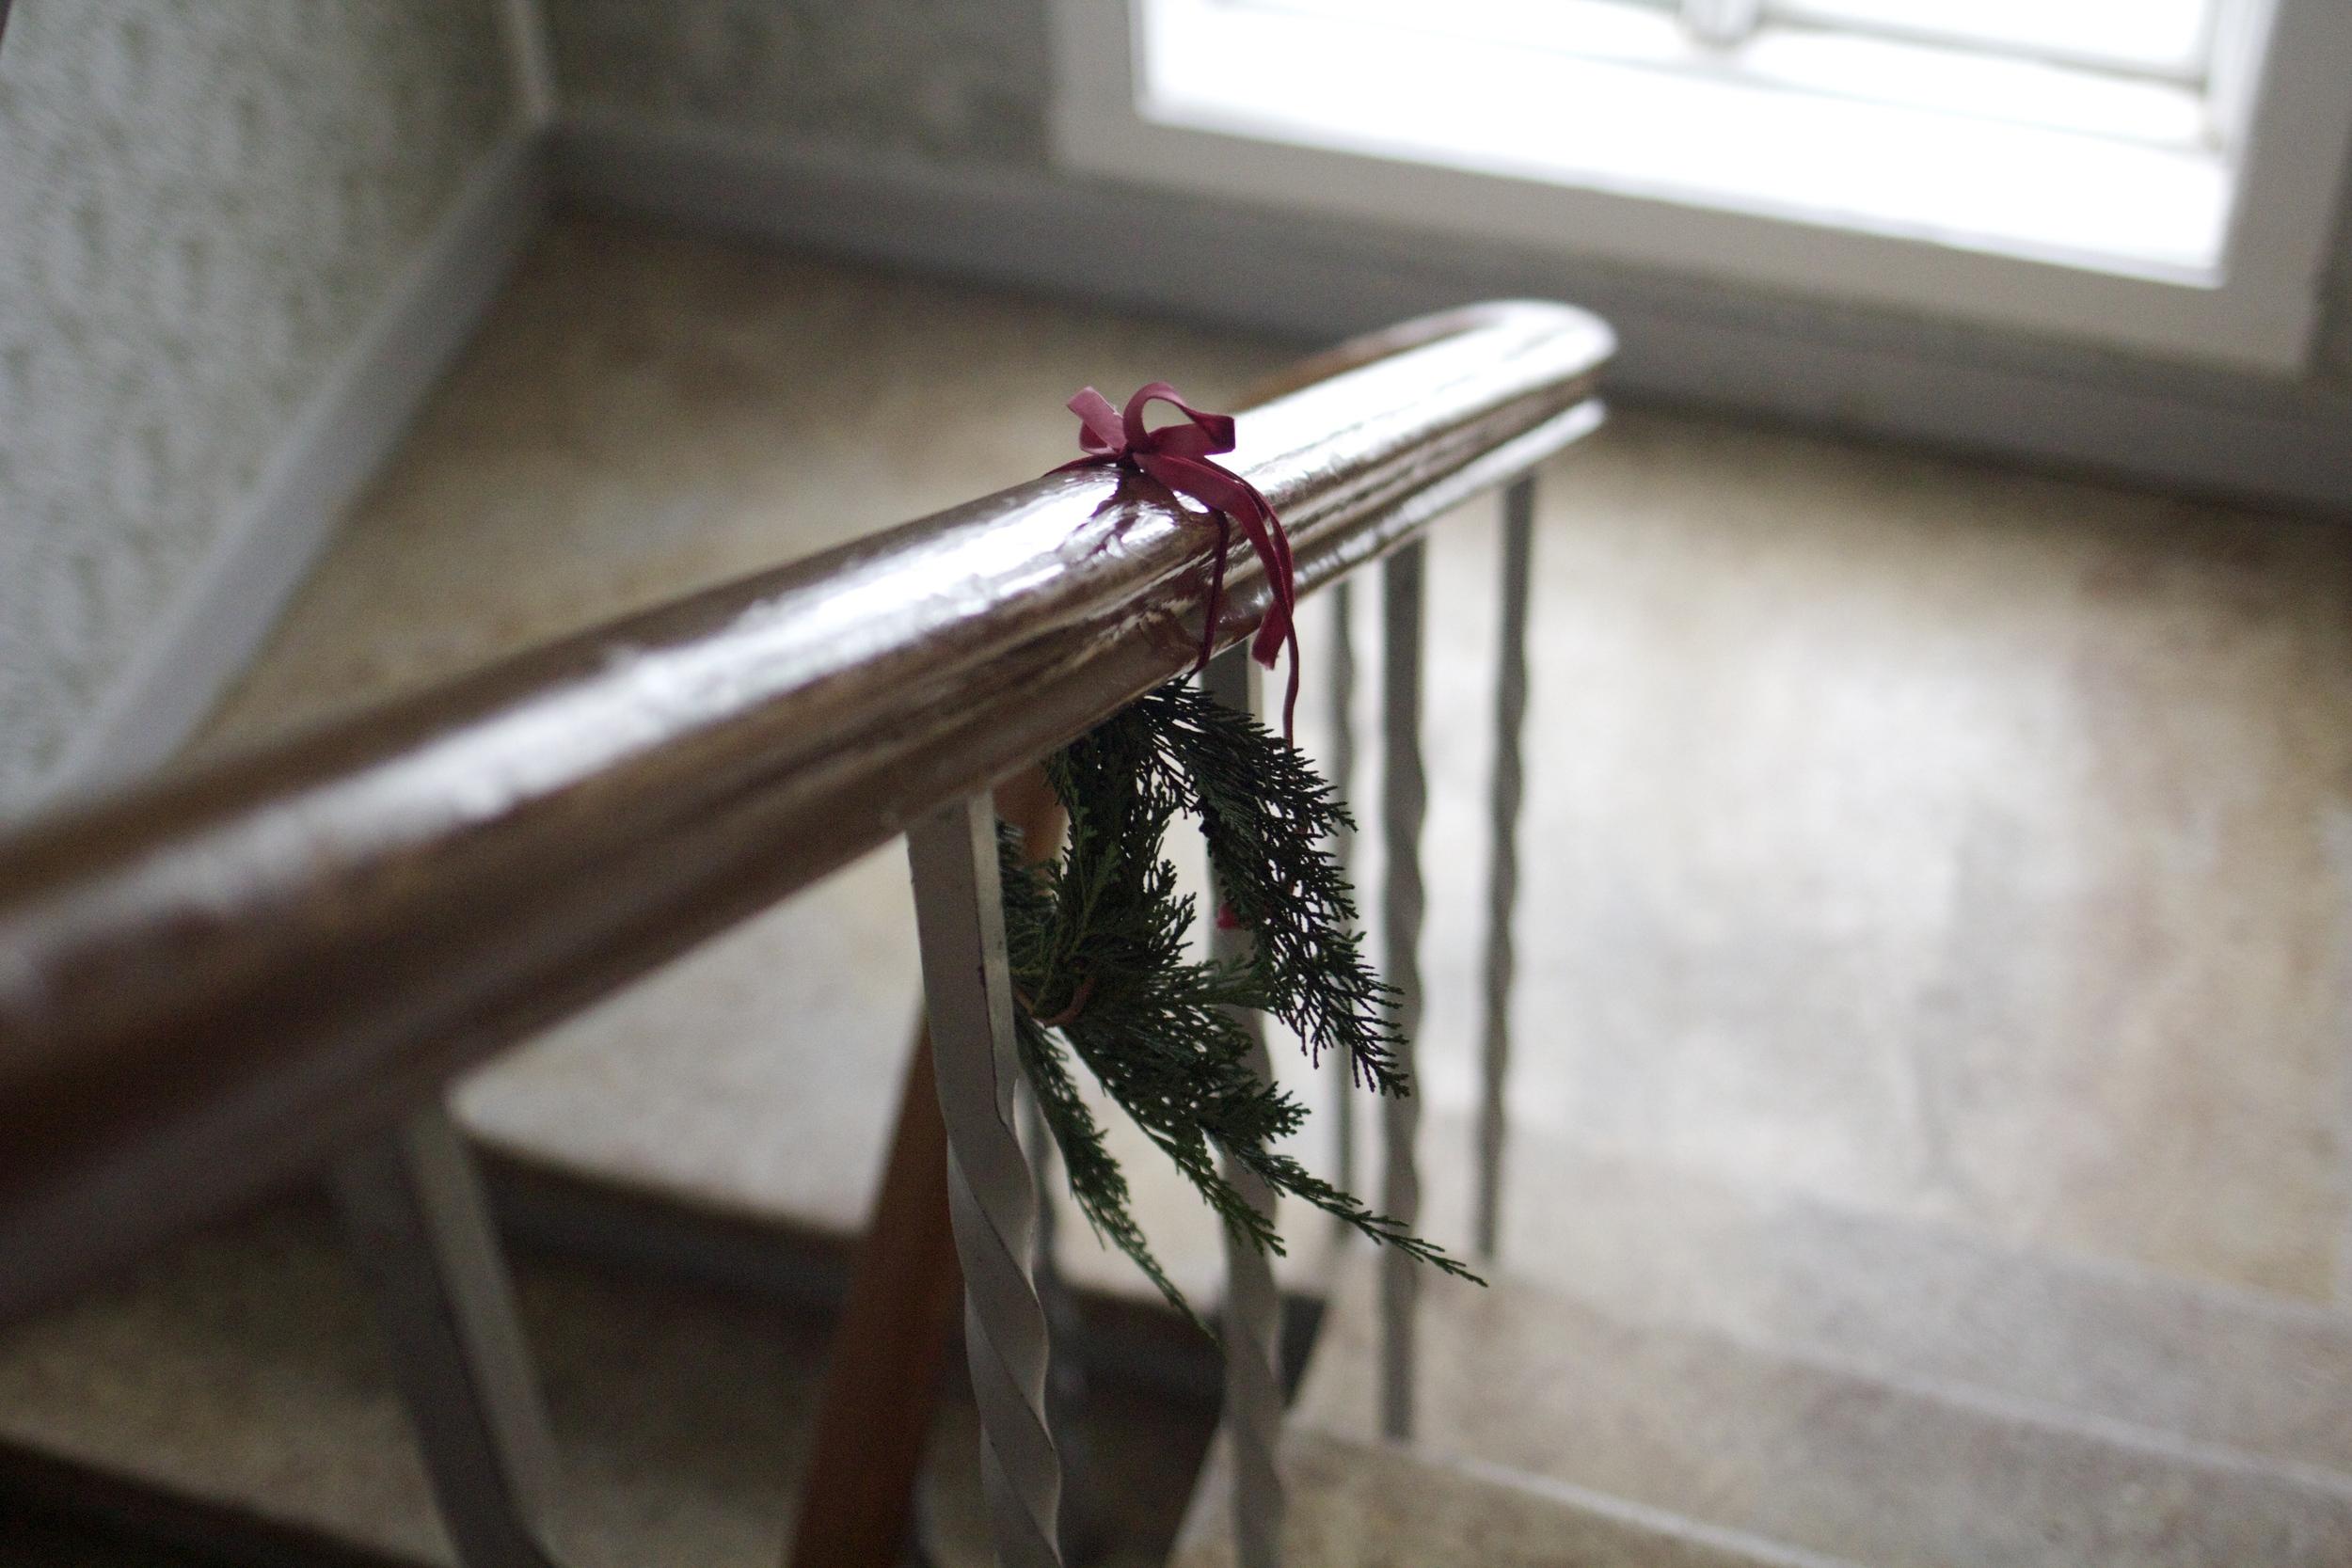 Færsla 9. desembers sýndi skreyttan stigagang í blokkinni hennar Ionu